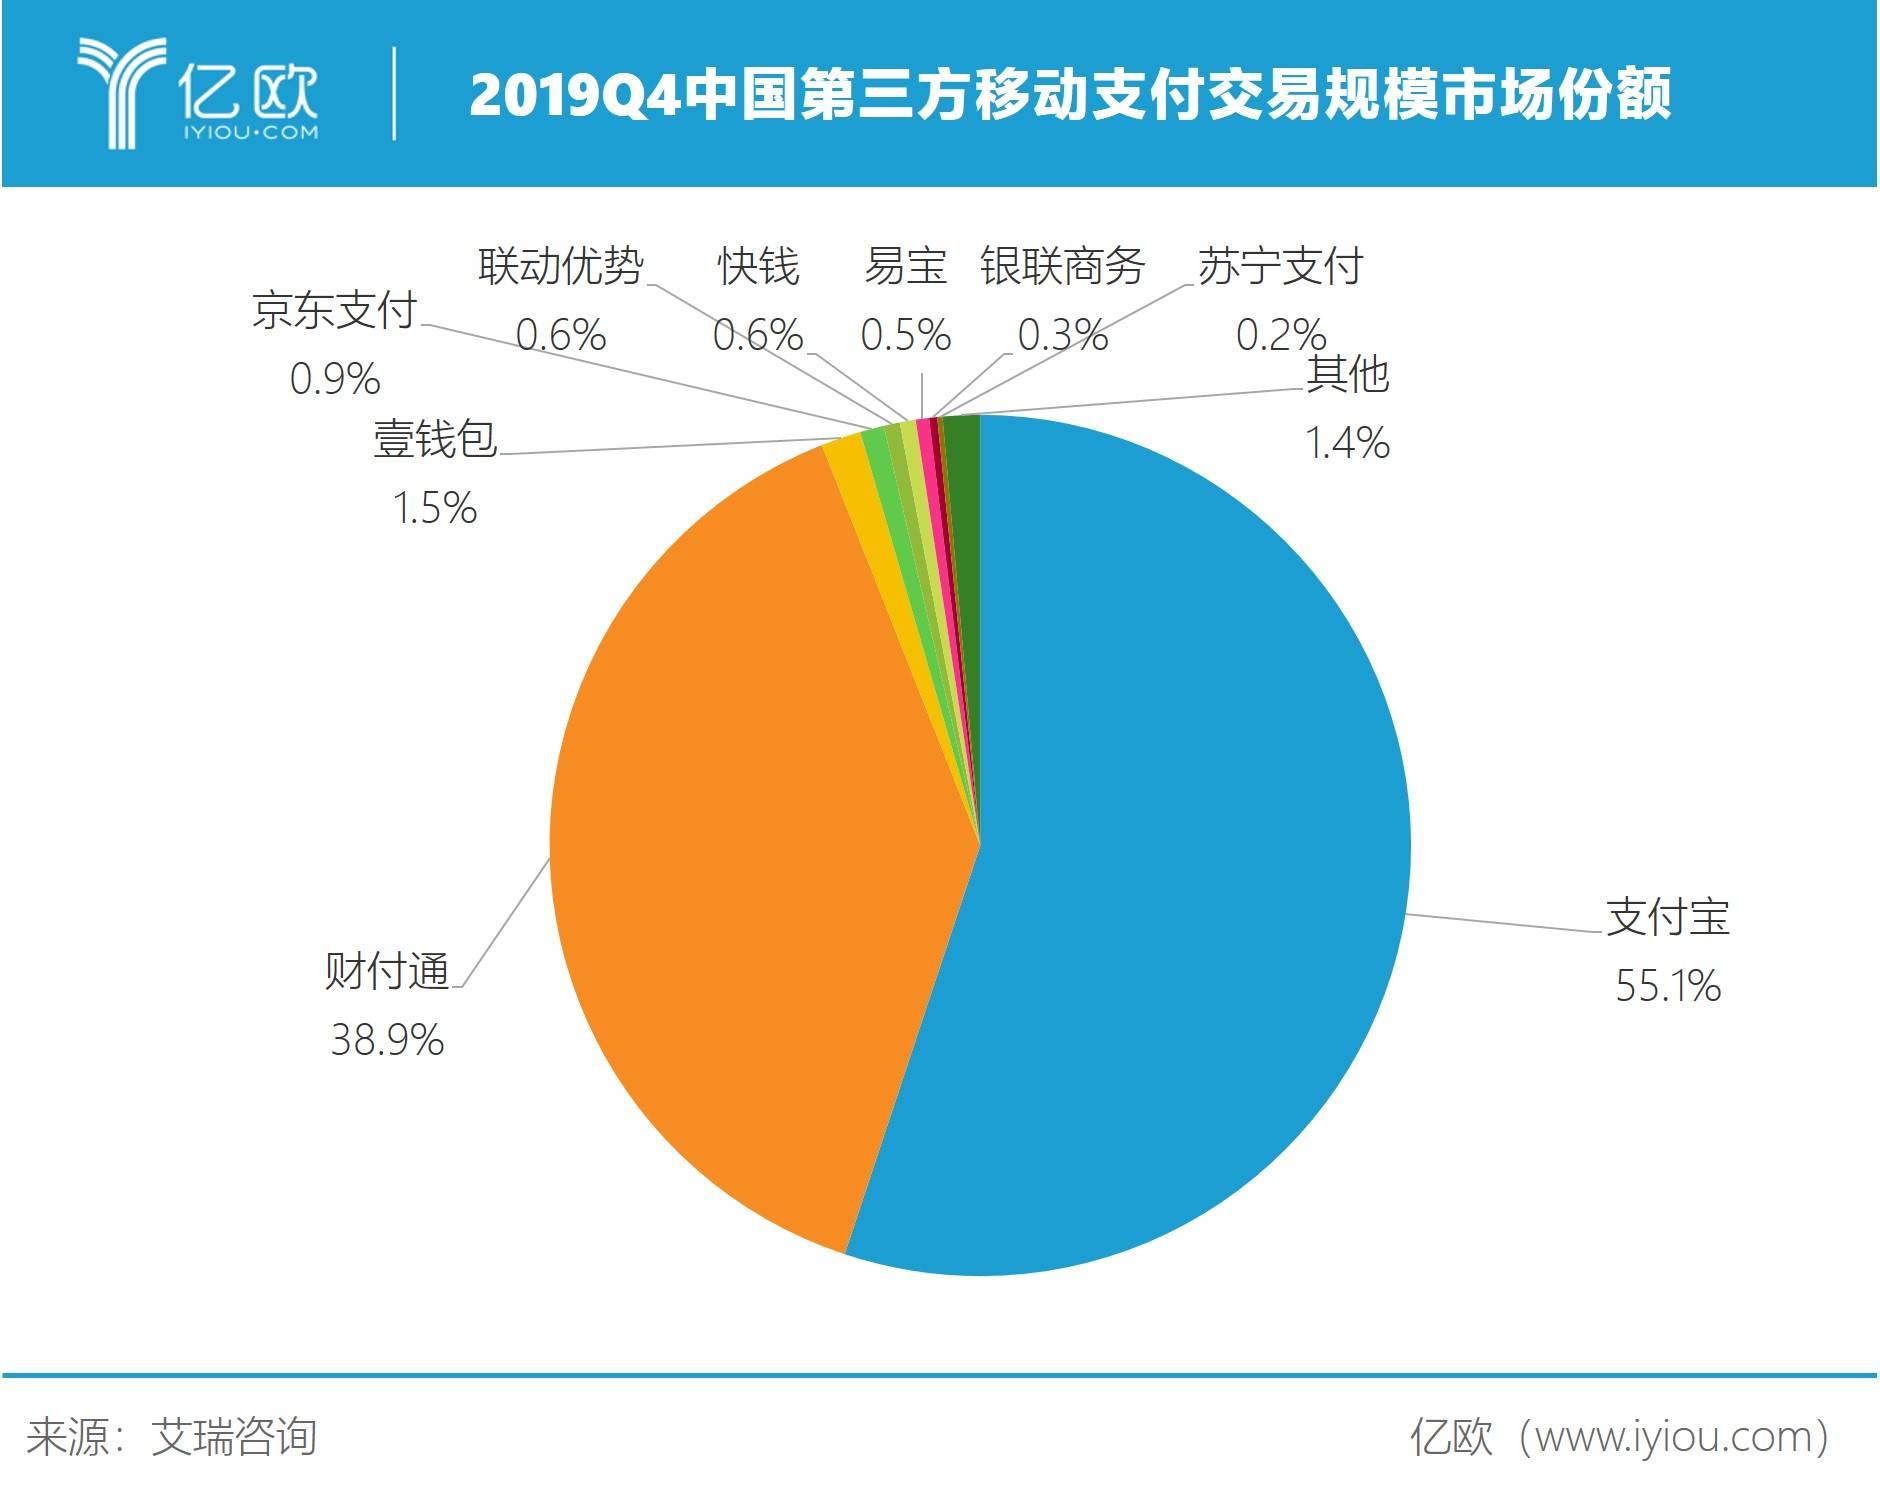 2019Q4中国第三方移动支付营业四周市场份额